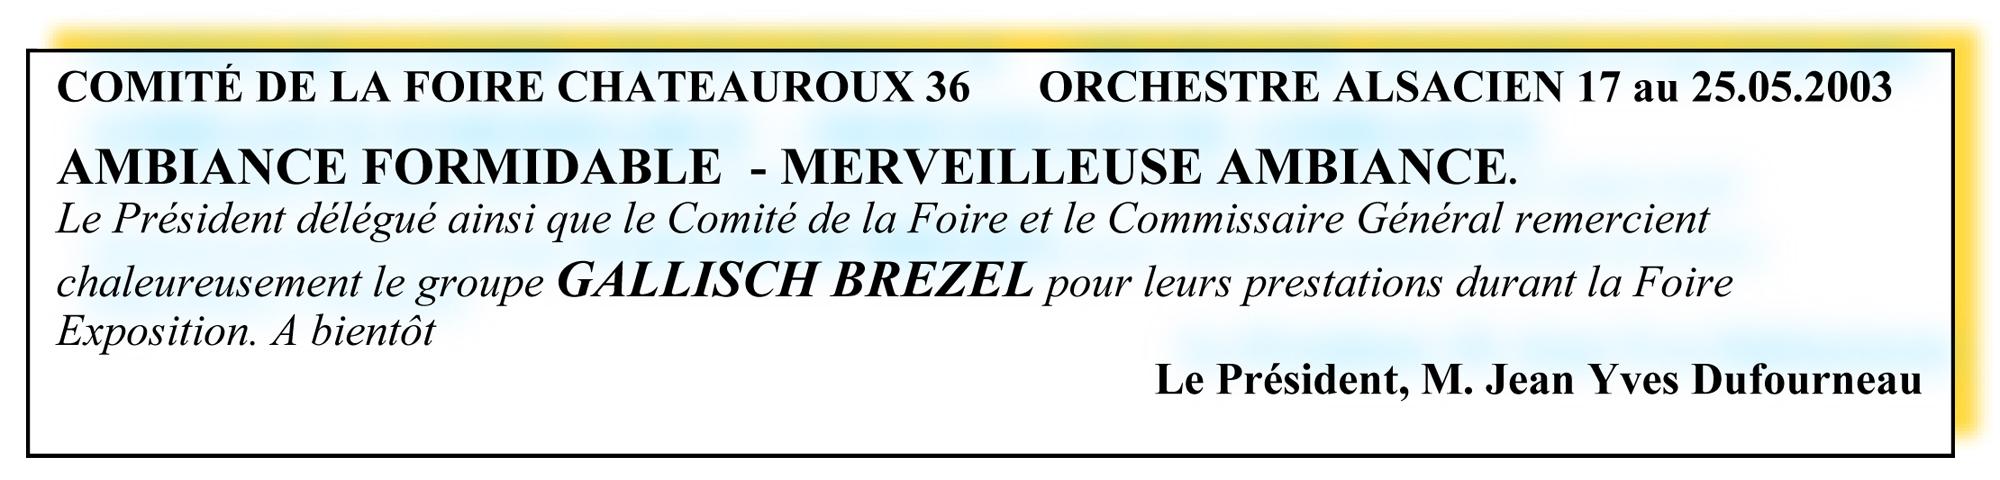 Comité de la Foire Chateauroux 36 - orchestre alsacien 17 au 25-05-2003